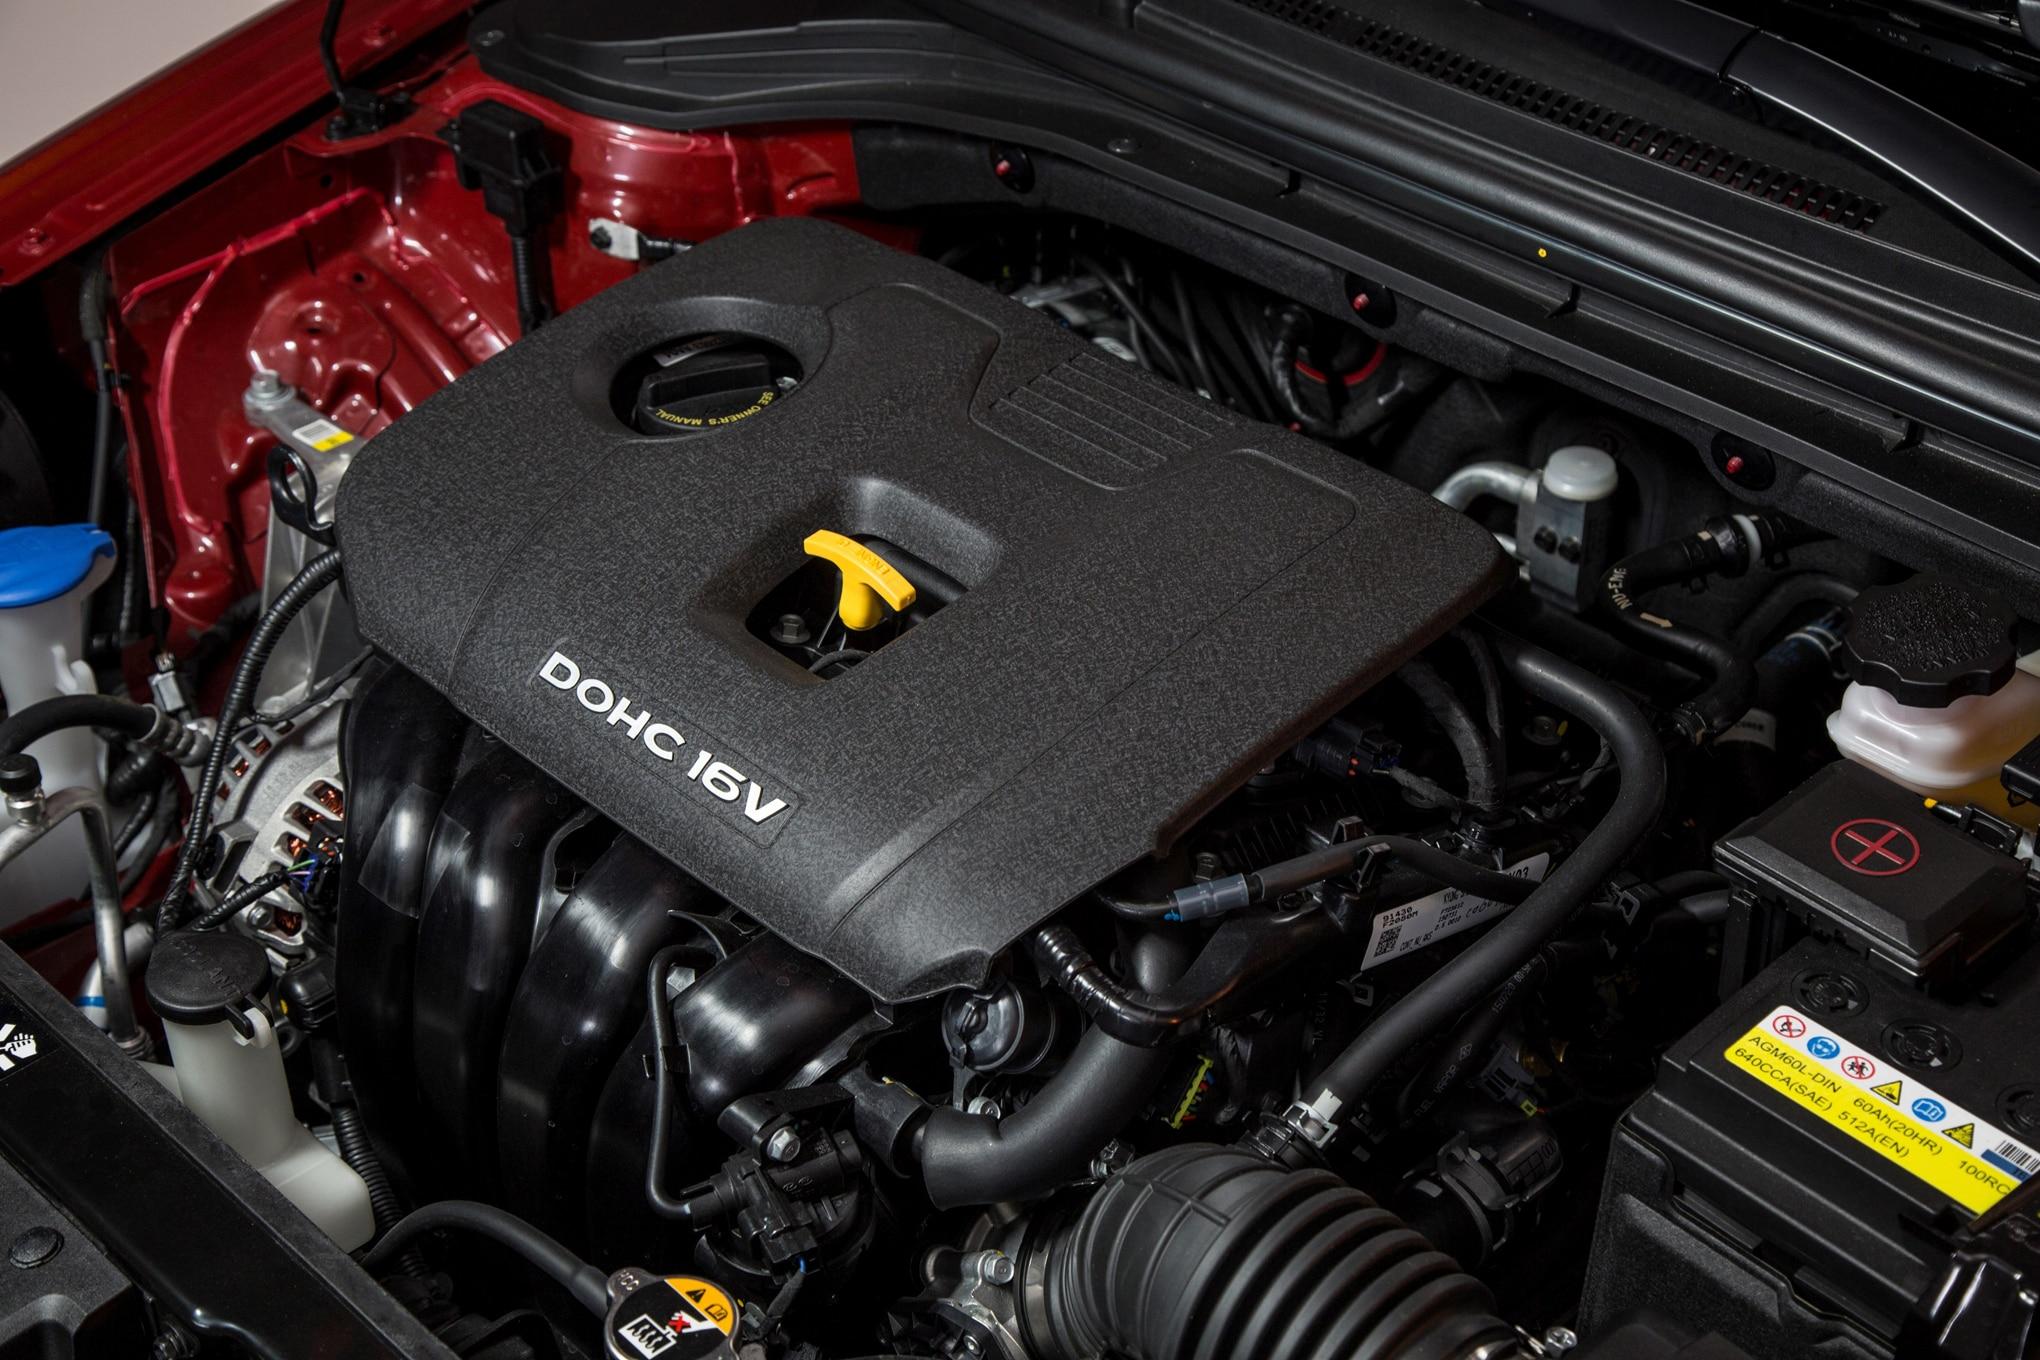 Elantra engine size